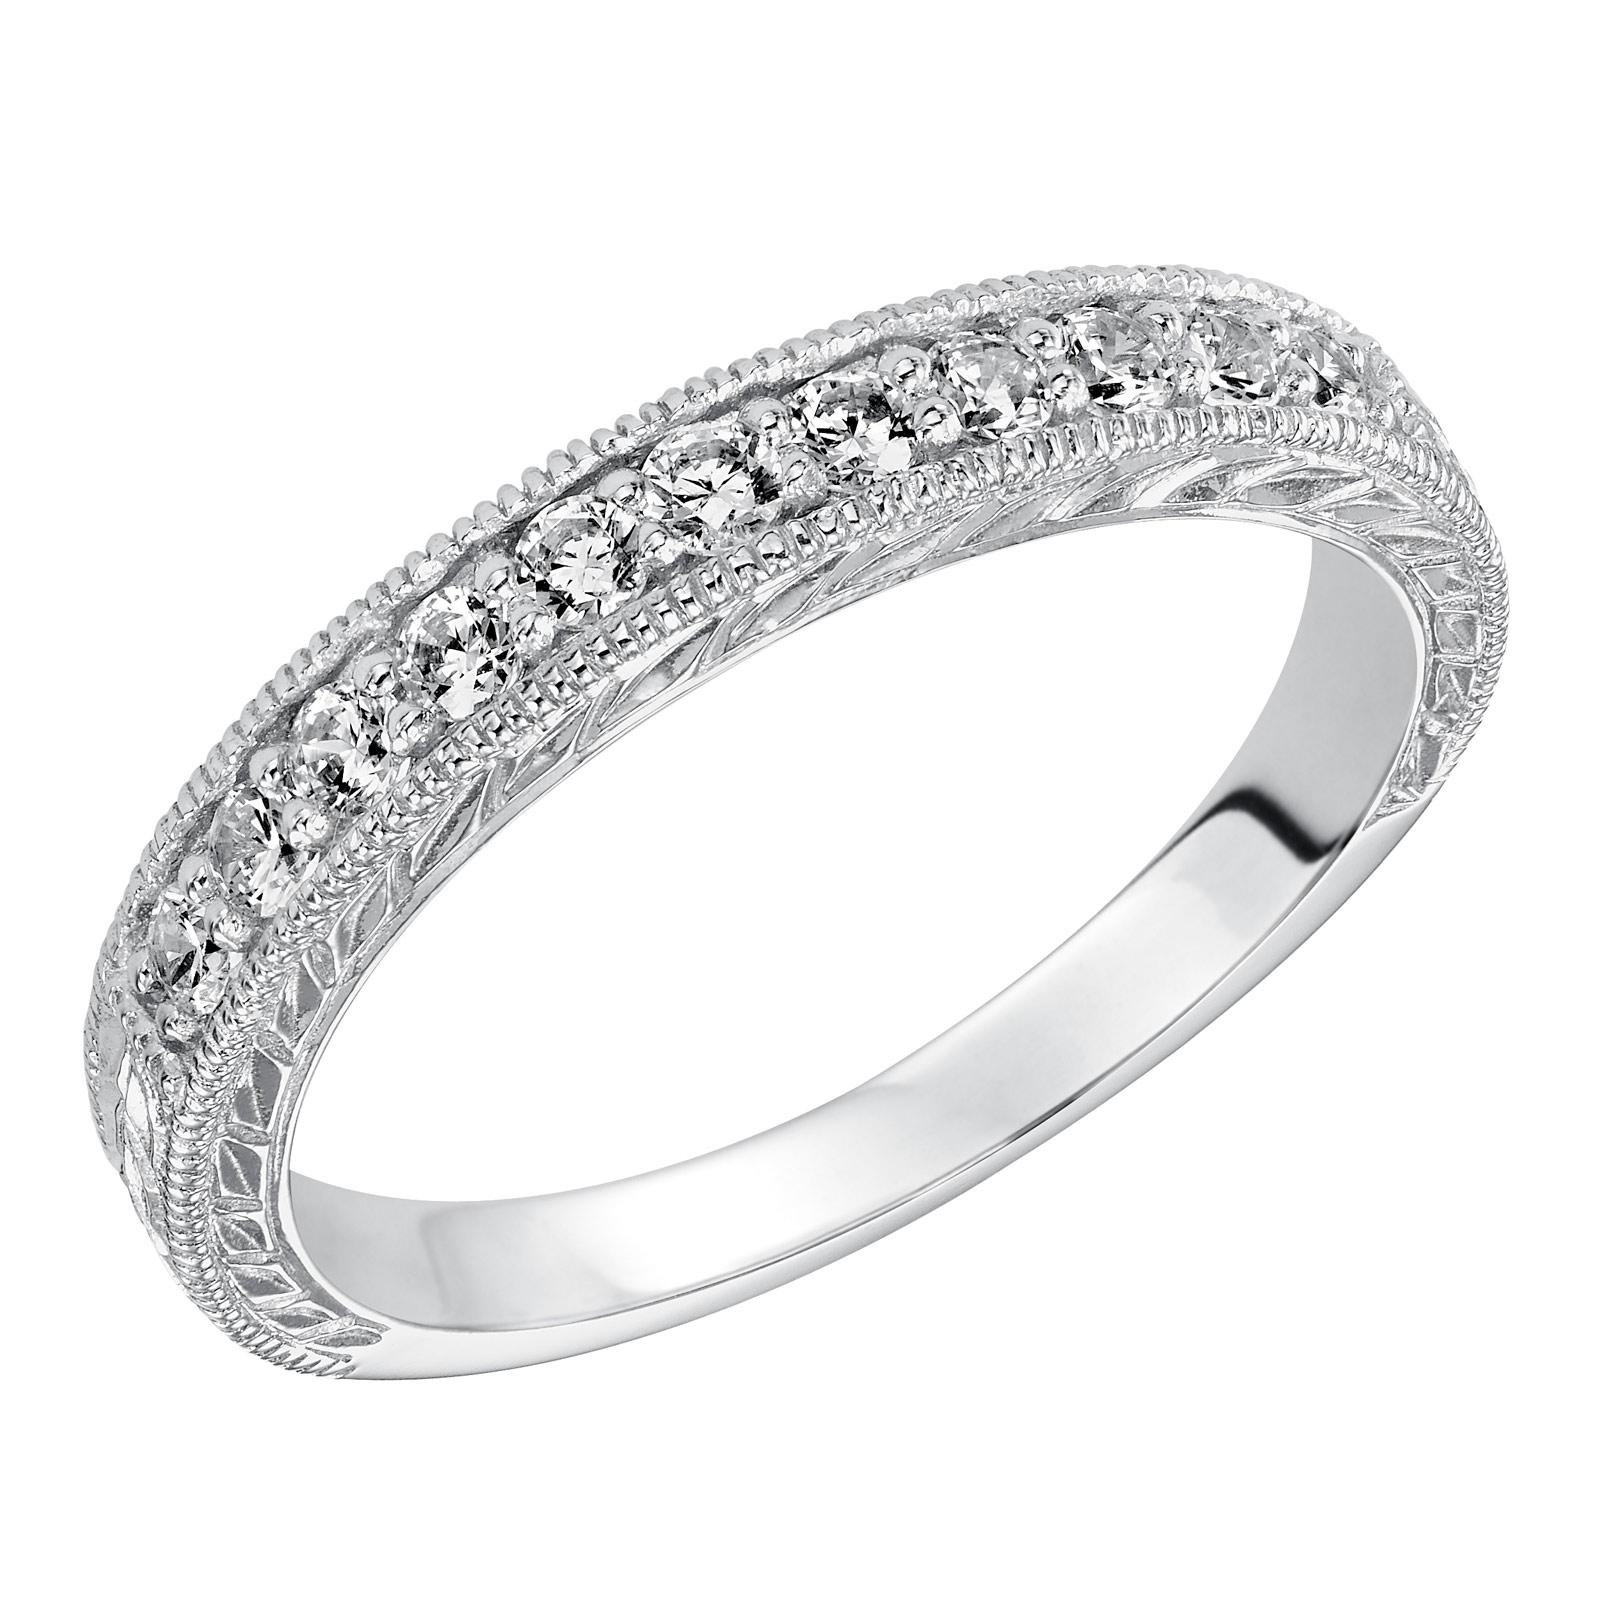 Goldman ring 33 9128w l00 long island ny goldman for Long island wedding bands